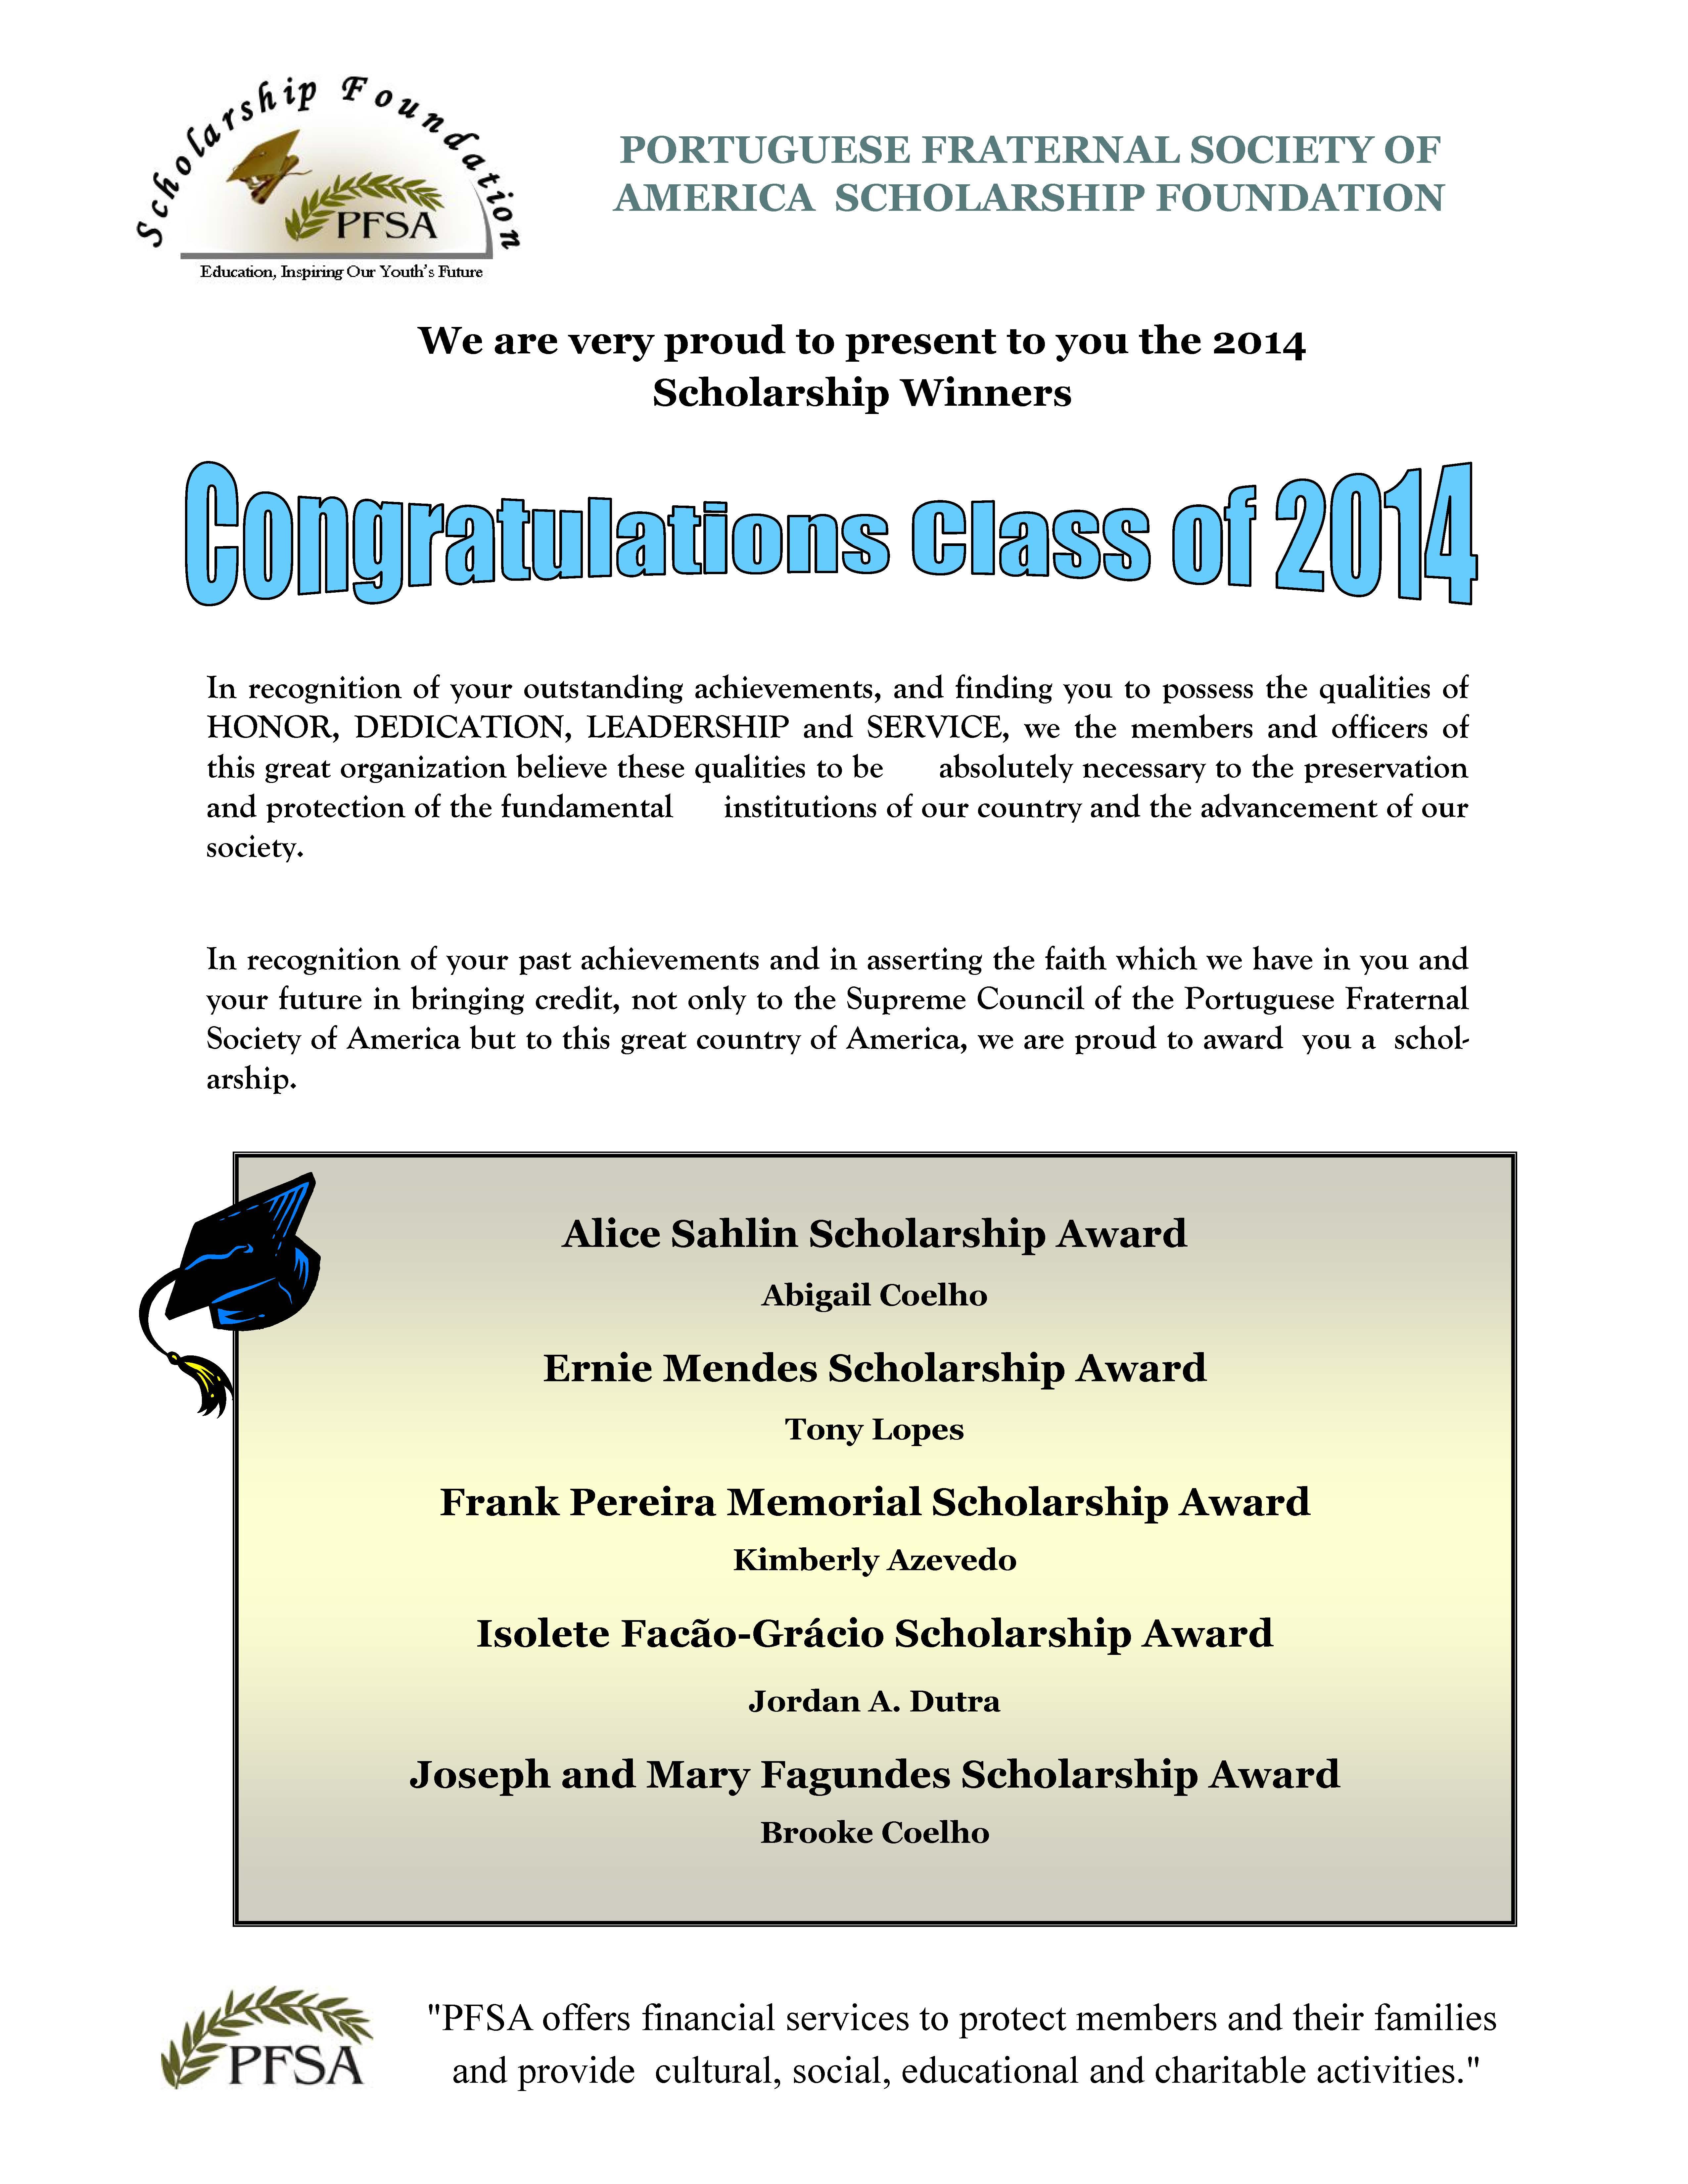 2014 PFSA Scholarship Winners_Page_1